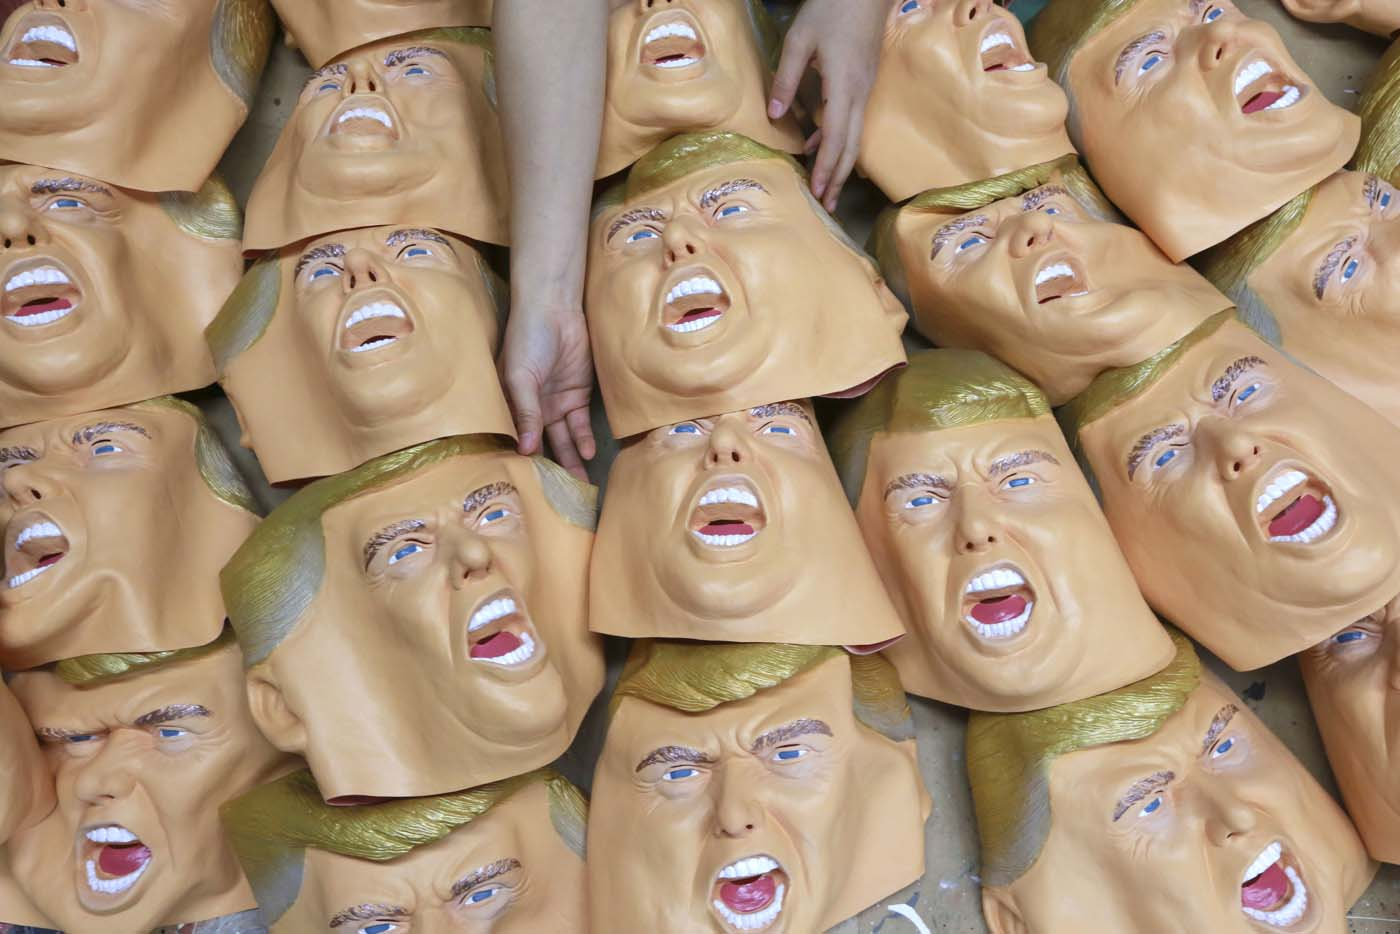 Un trabajador se dispone a dar los útlimos toques a máscaras de goma con la cara del presidente electo de Estados Unidos, Donald Trump, en el Ogawa Studio de Saitama, en el norte de Japón, el 15 de noviembre 2016. (AP Foto/Eugene Hoshiko)